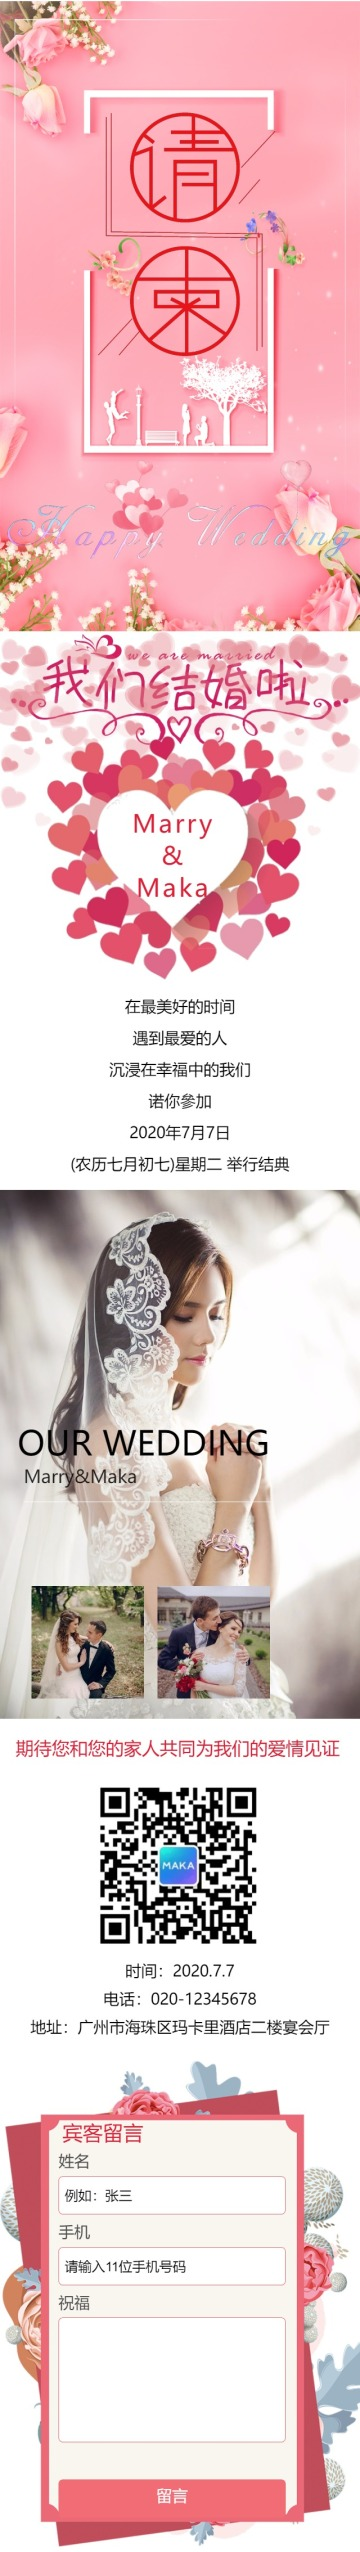 喜庆浪漫唯美婚礼婚庆单页宣传活动推广